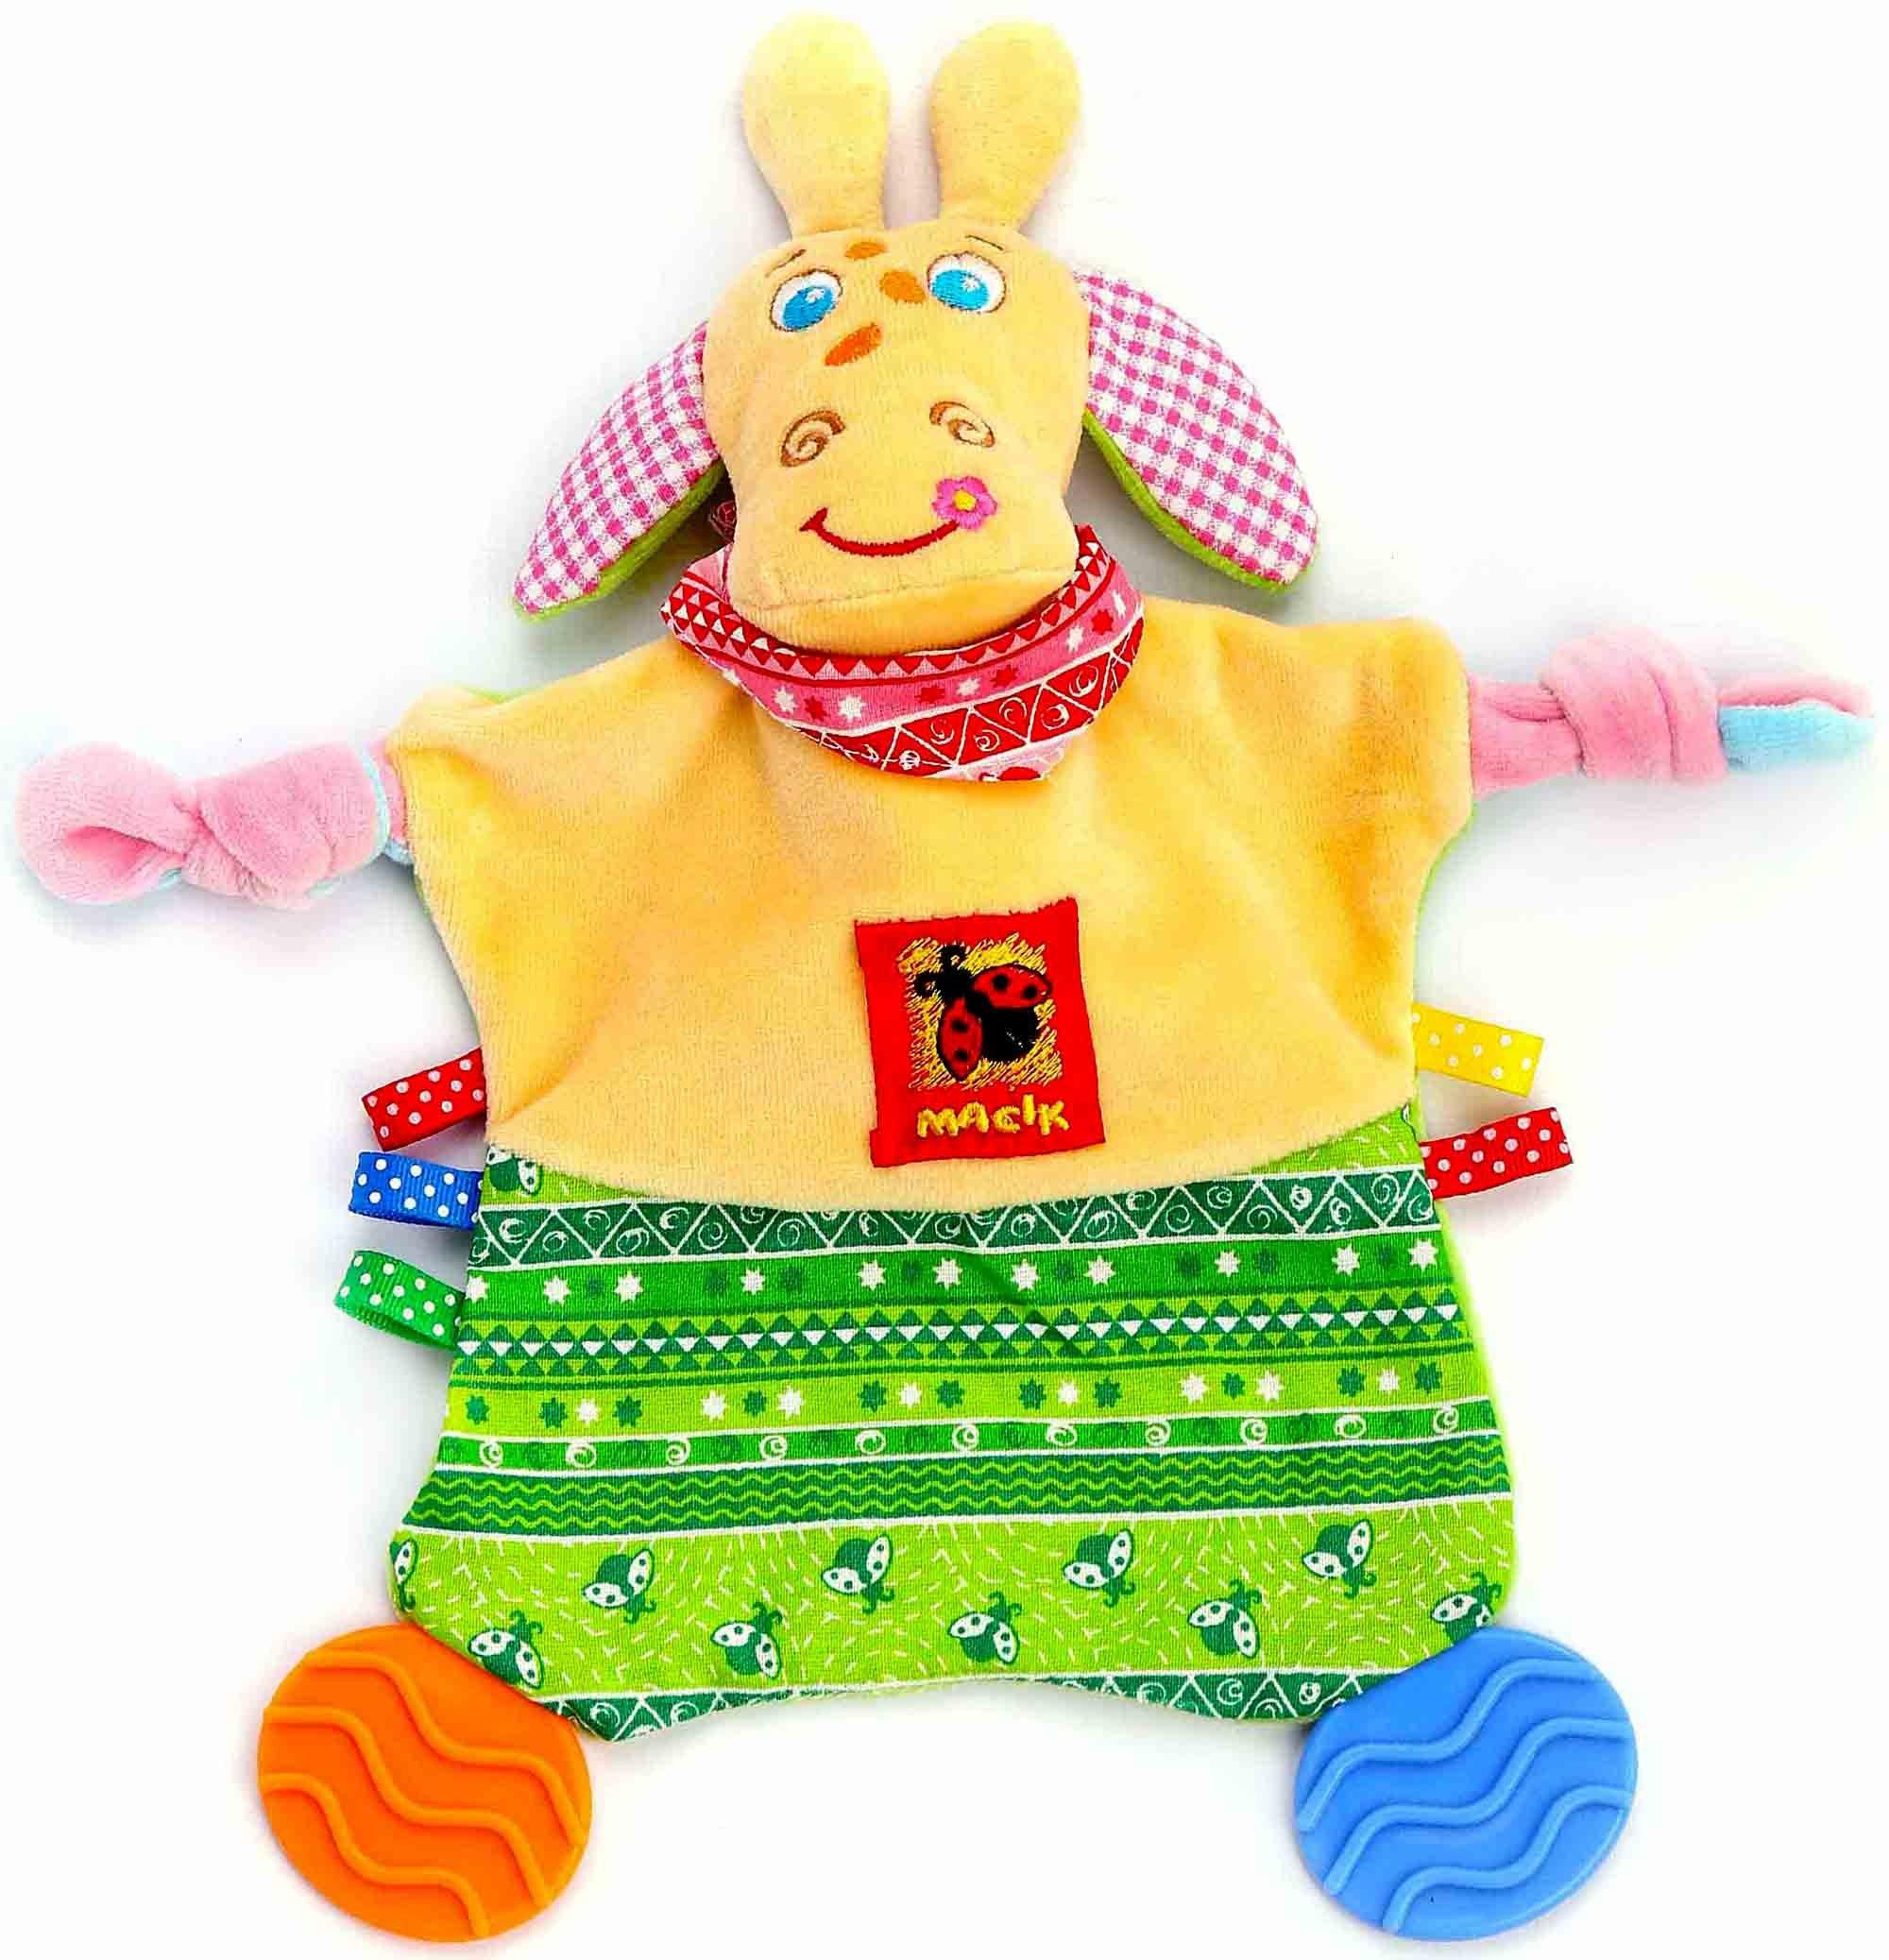 Newborn Teething Toy Security Animal Blanket with Tags 12'' - Newborn Toys - Security Blanket - Baby Teething Toys - Tag Toy for Babies Infants - Teething Blanket Boys Girls - Crinkle Blanket 0 3 6 mon